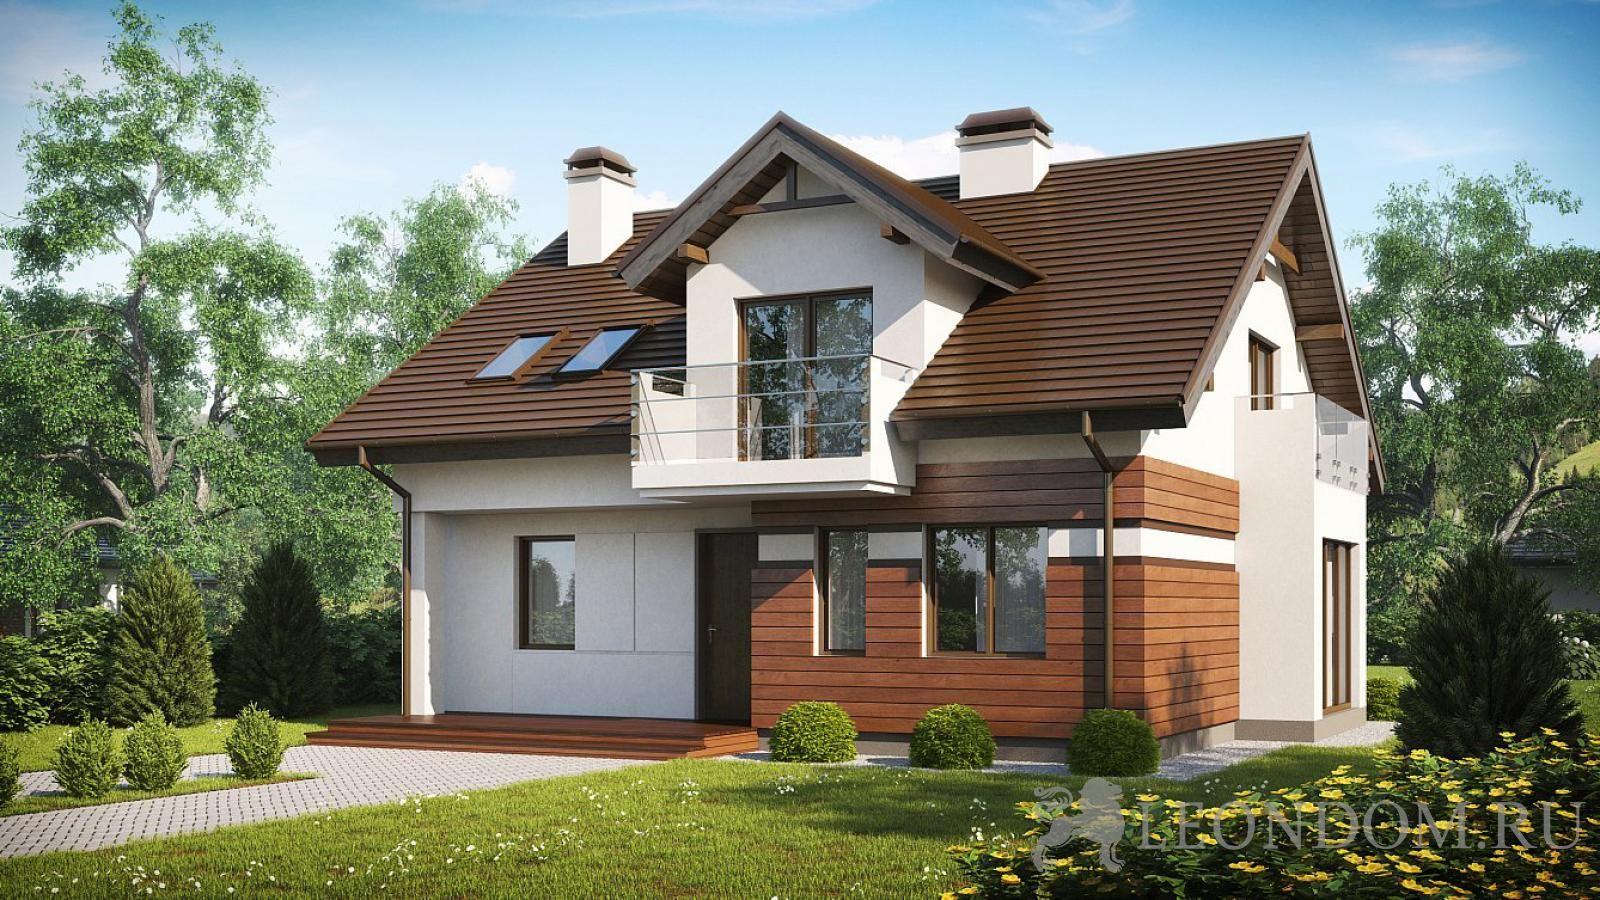 Проект дома с мансардой, эркером и балконом над ним - при ...